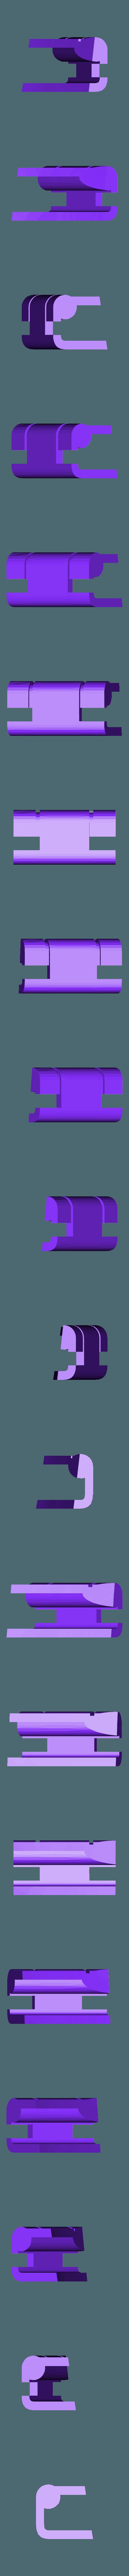 Hinge_FrontDoorRight.stl Descargar archivo STL CHEVY VAN G20 RC BODY SCALER AXIAL MST TRX4 RC4WD • Modelo para imprimir en 3D, ilyakapitonov